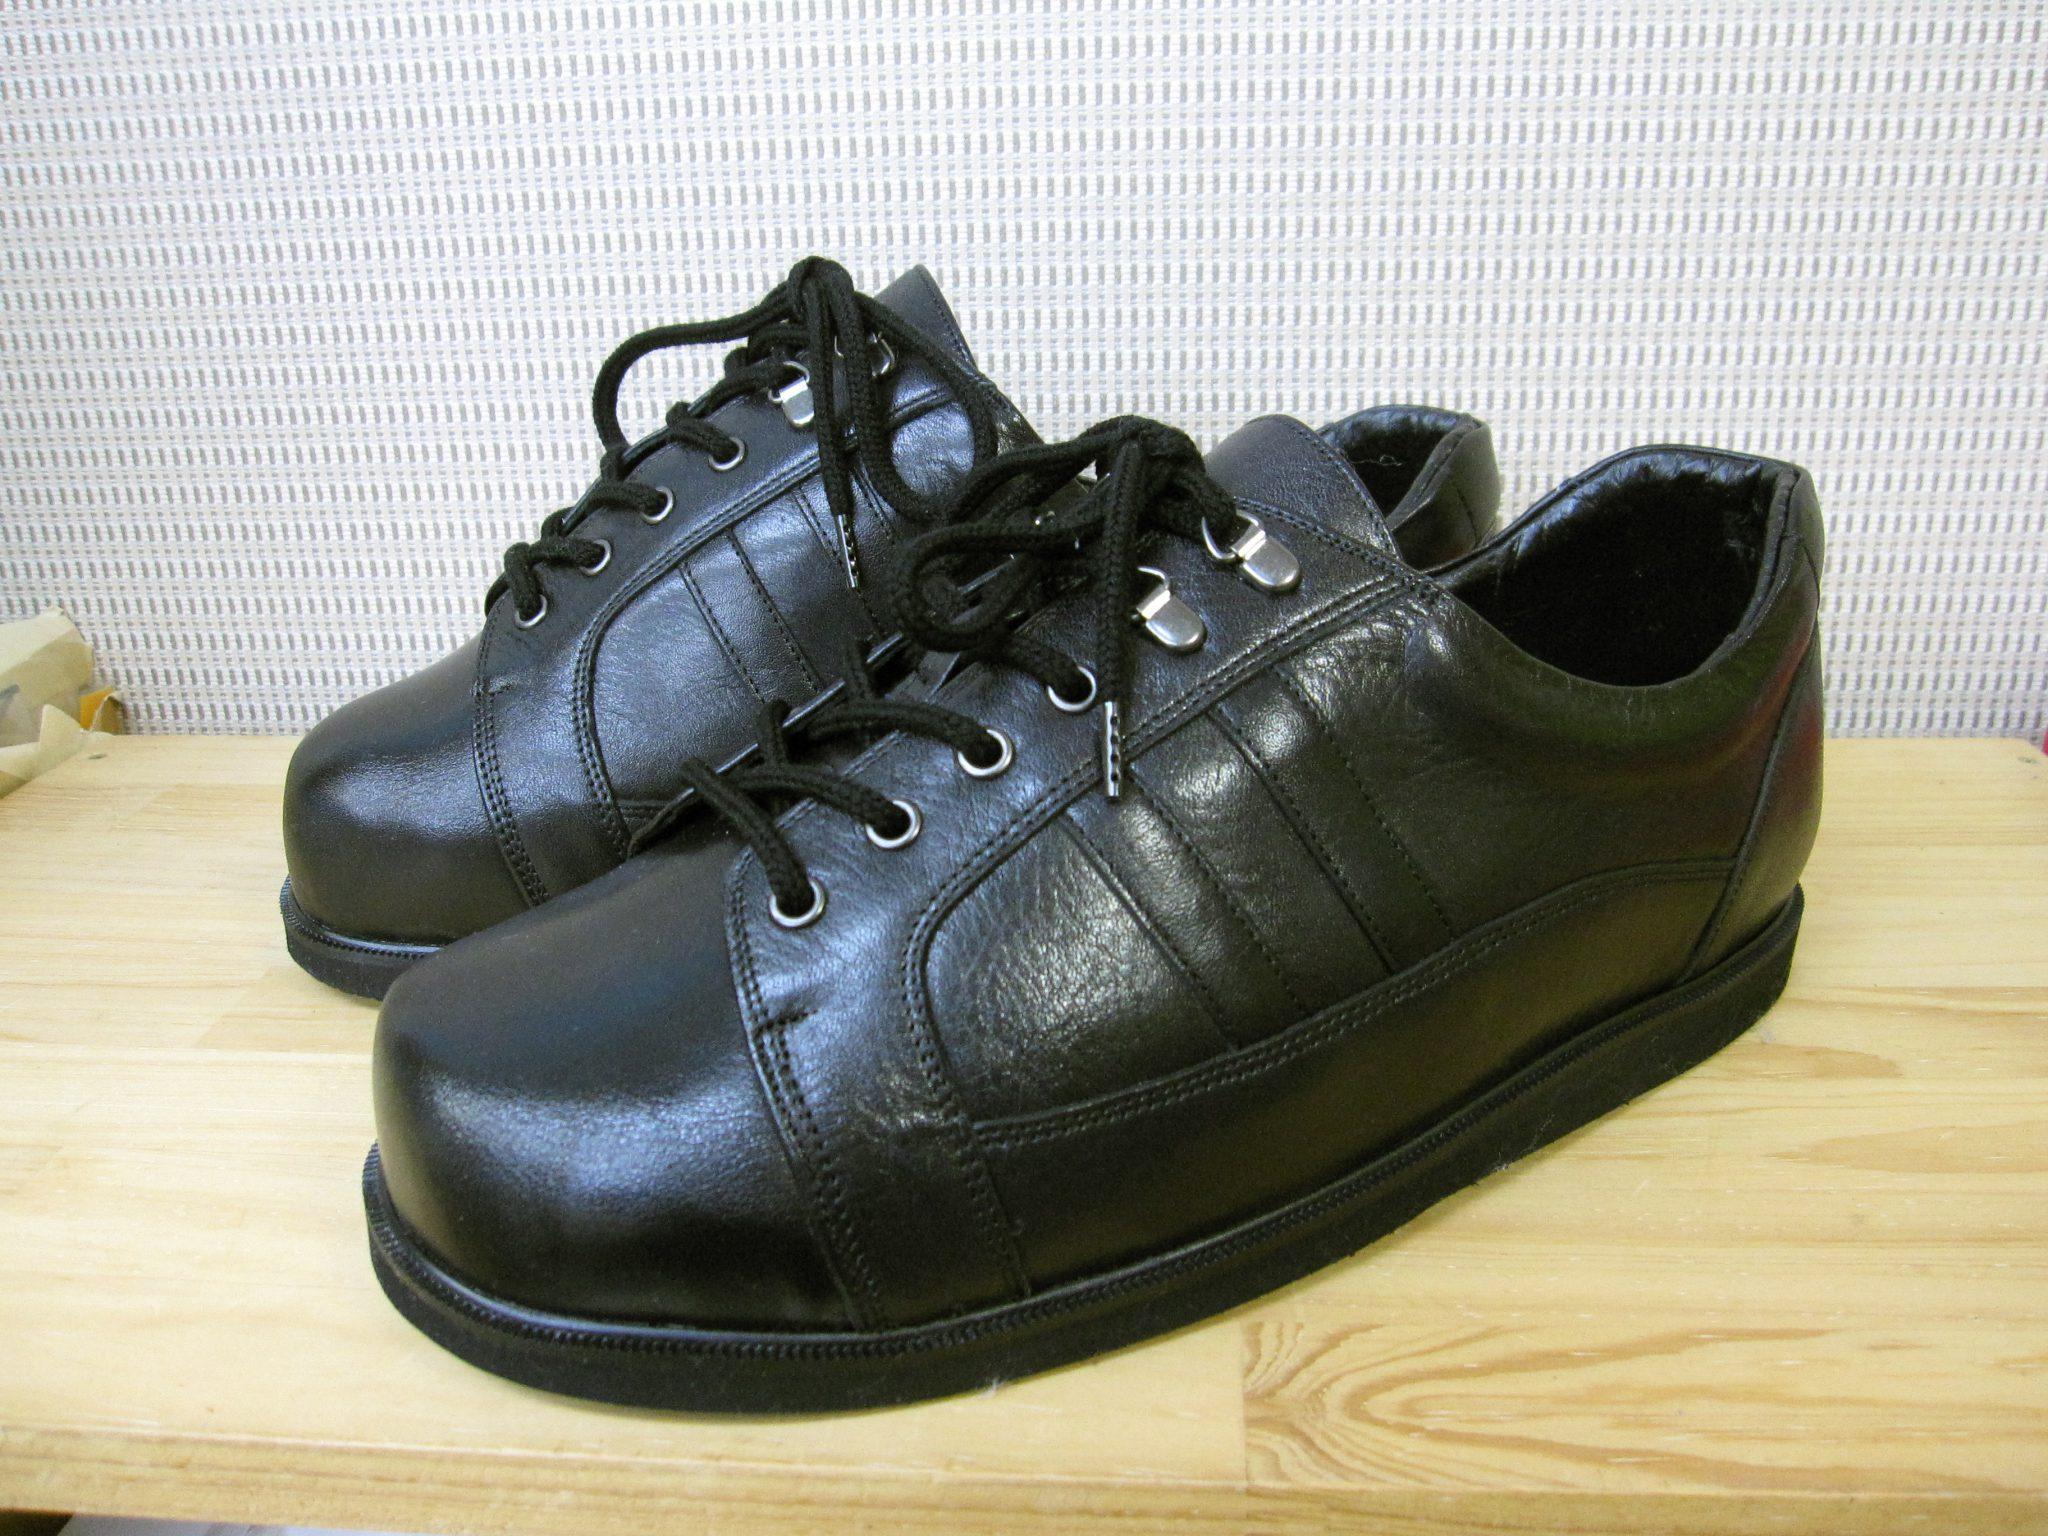 リンパ浮腫でお悩みの方の足にやさしい靴・オーダーメイドシューズ